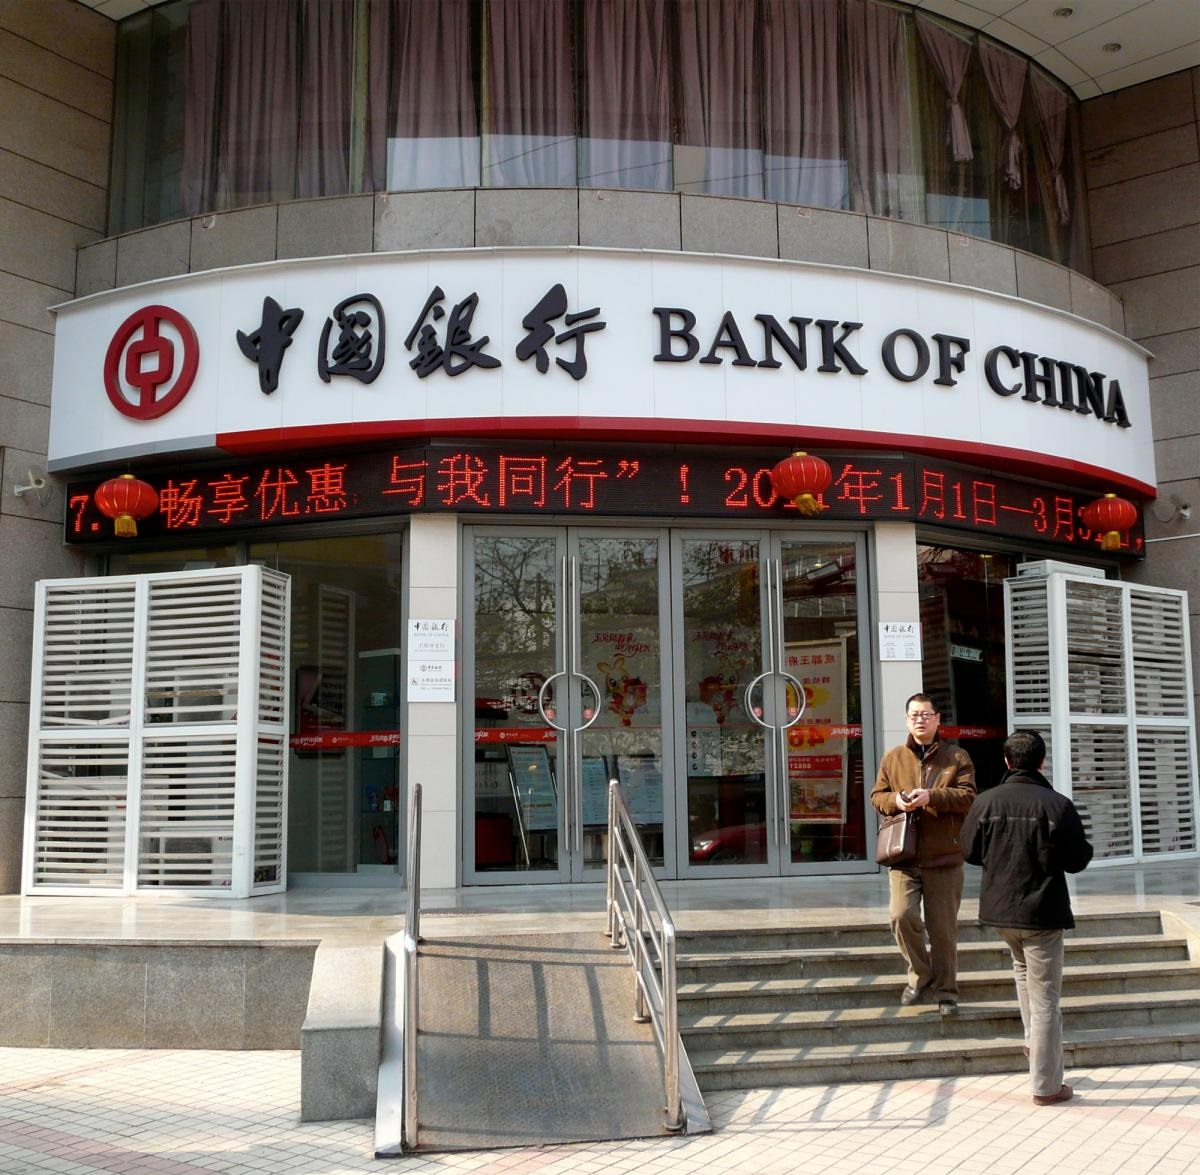 البنوك الصينية تبقى في الظل في الوقت الراهن